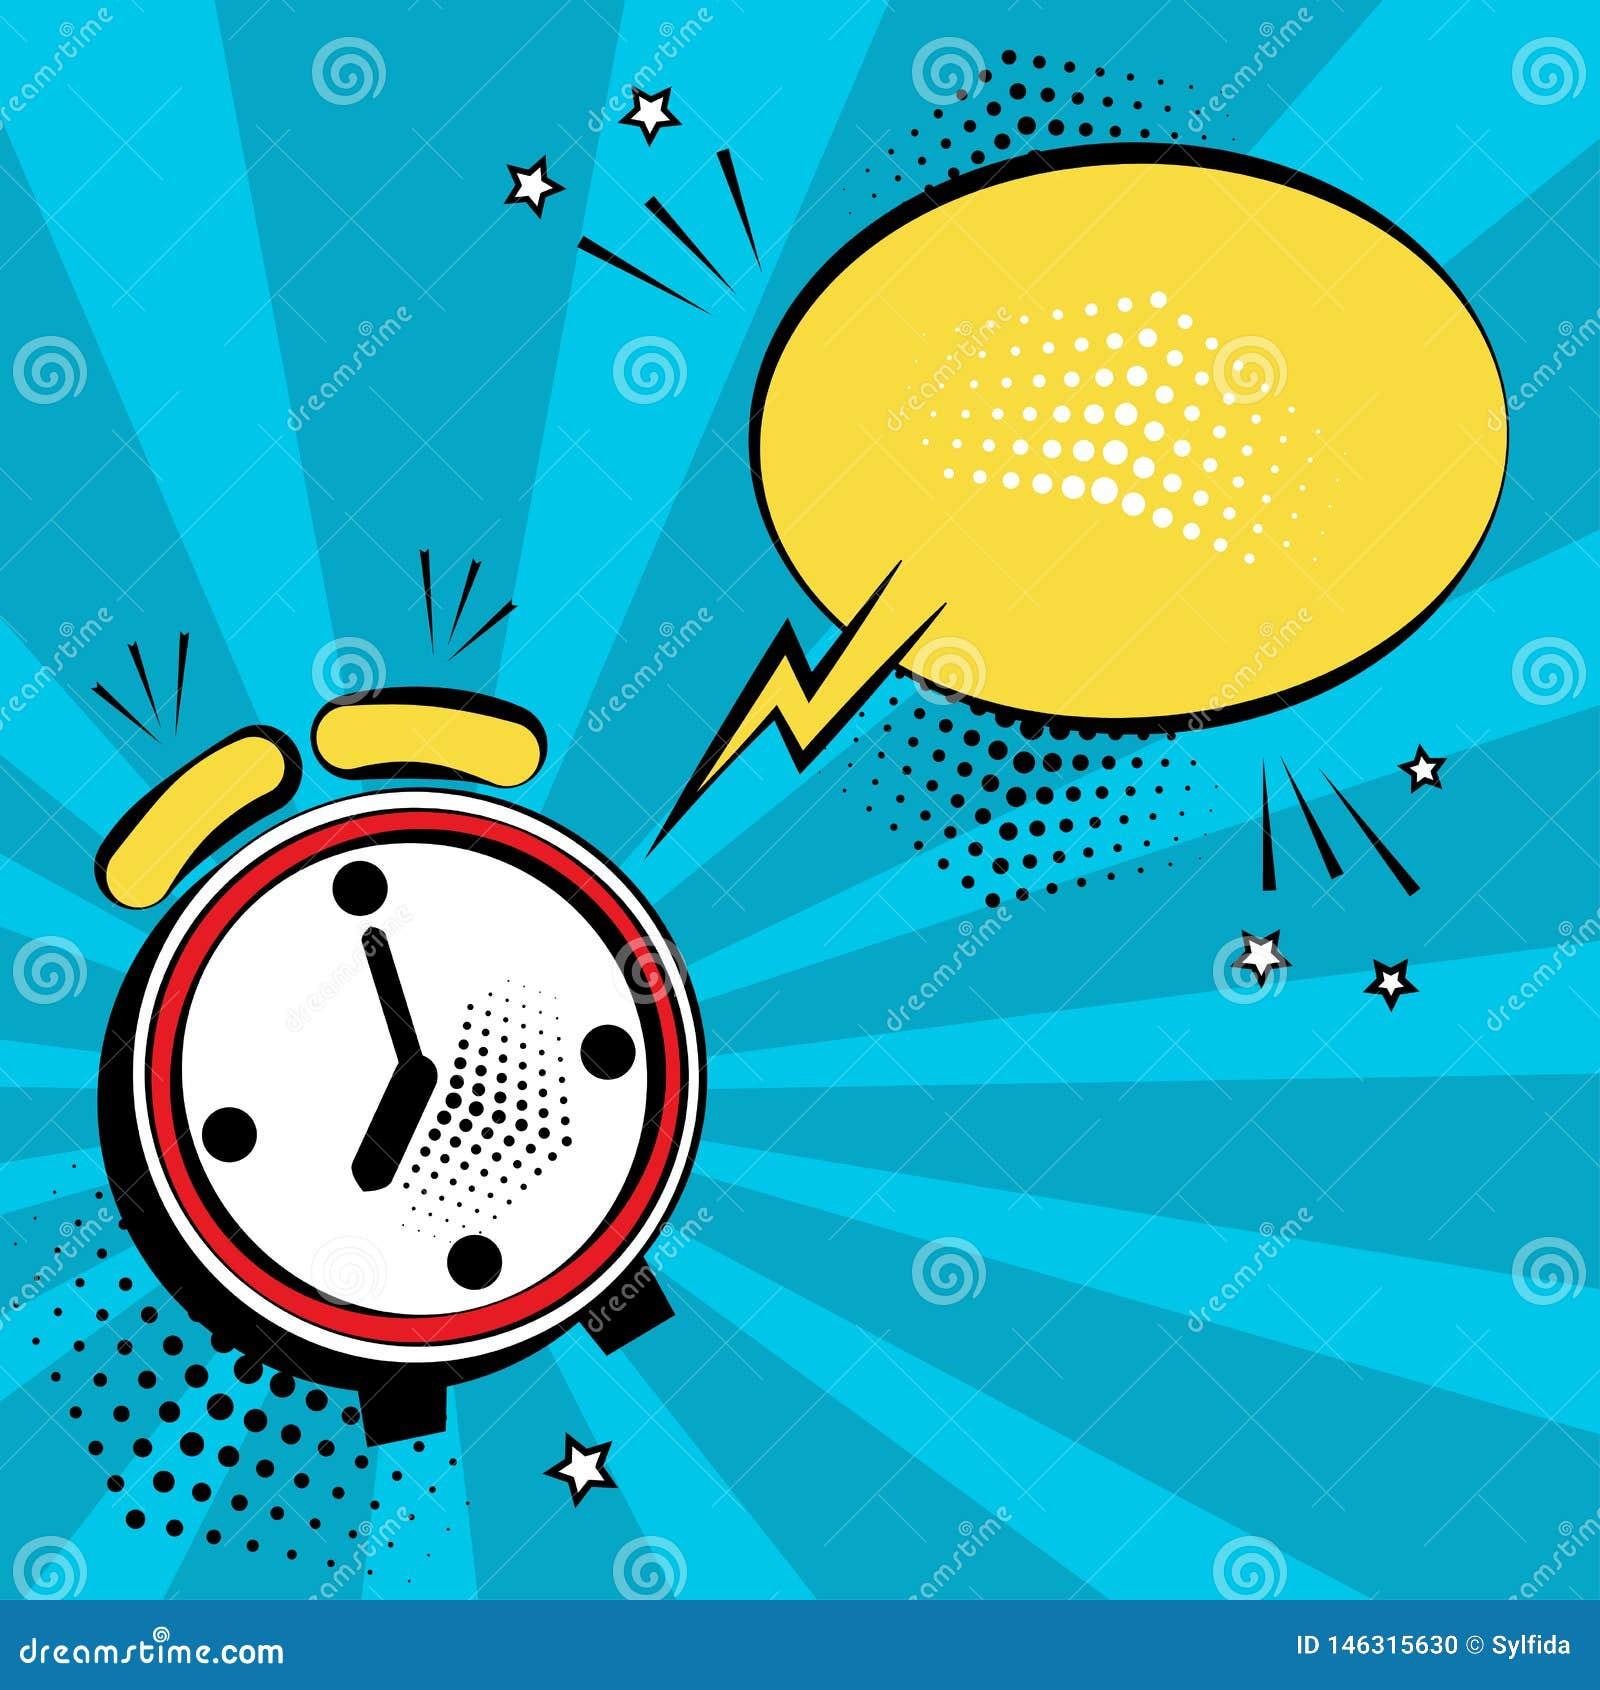 带黄色语音气泡的闹钟 流行艺术风格中的喜剧效果 矢量图